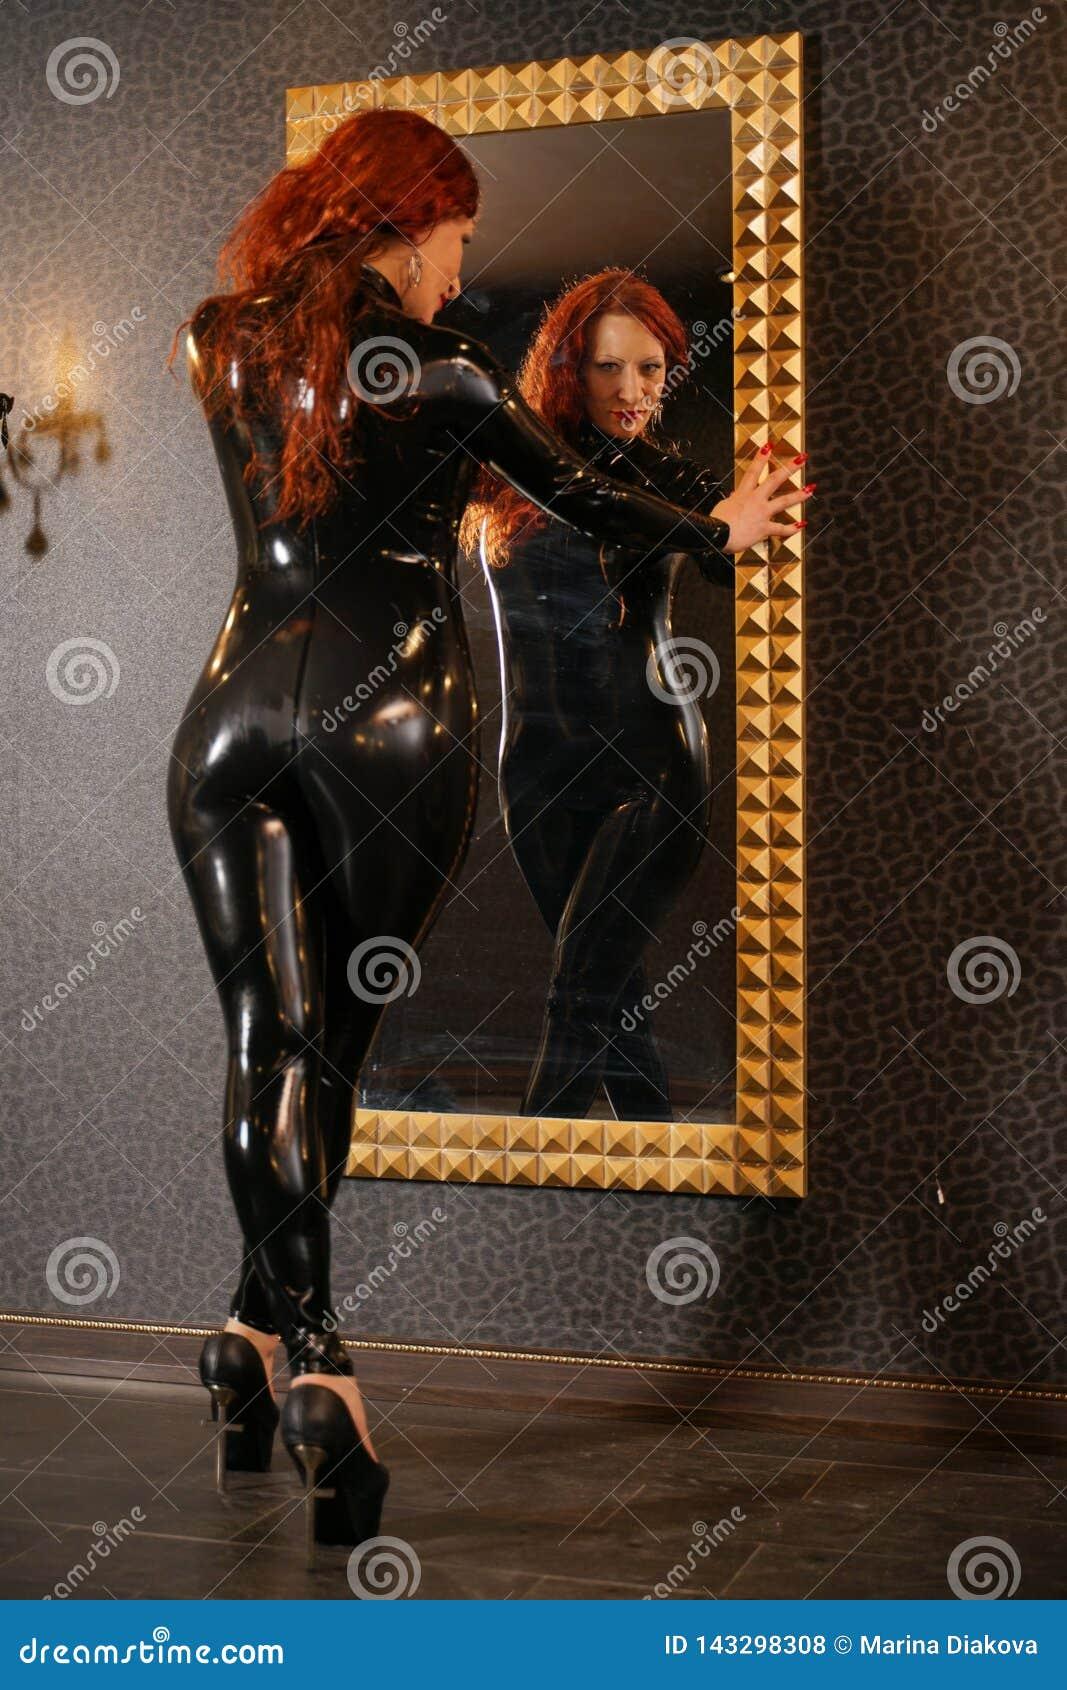 De seksuele vrouw die van het amuletroodharige zwart latexrubber dragen catsuit en de spiegel in donkere ruimte bekijken